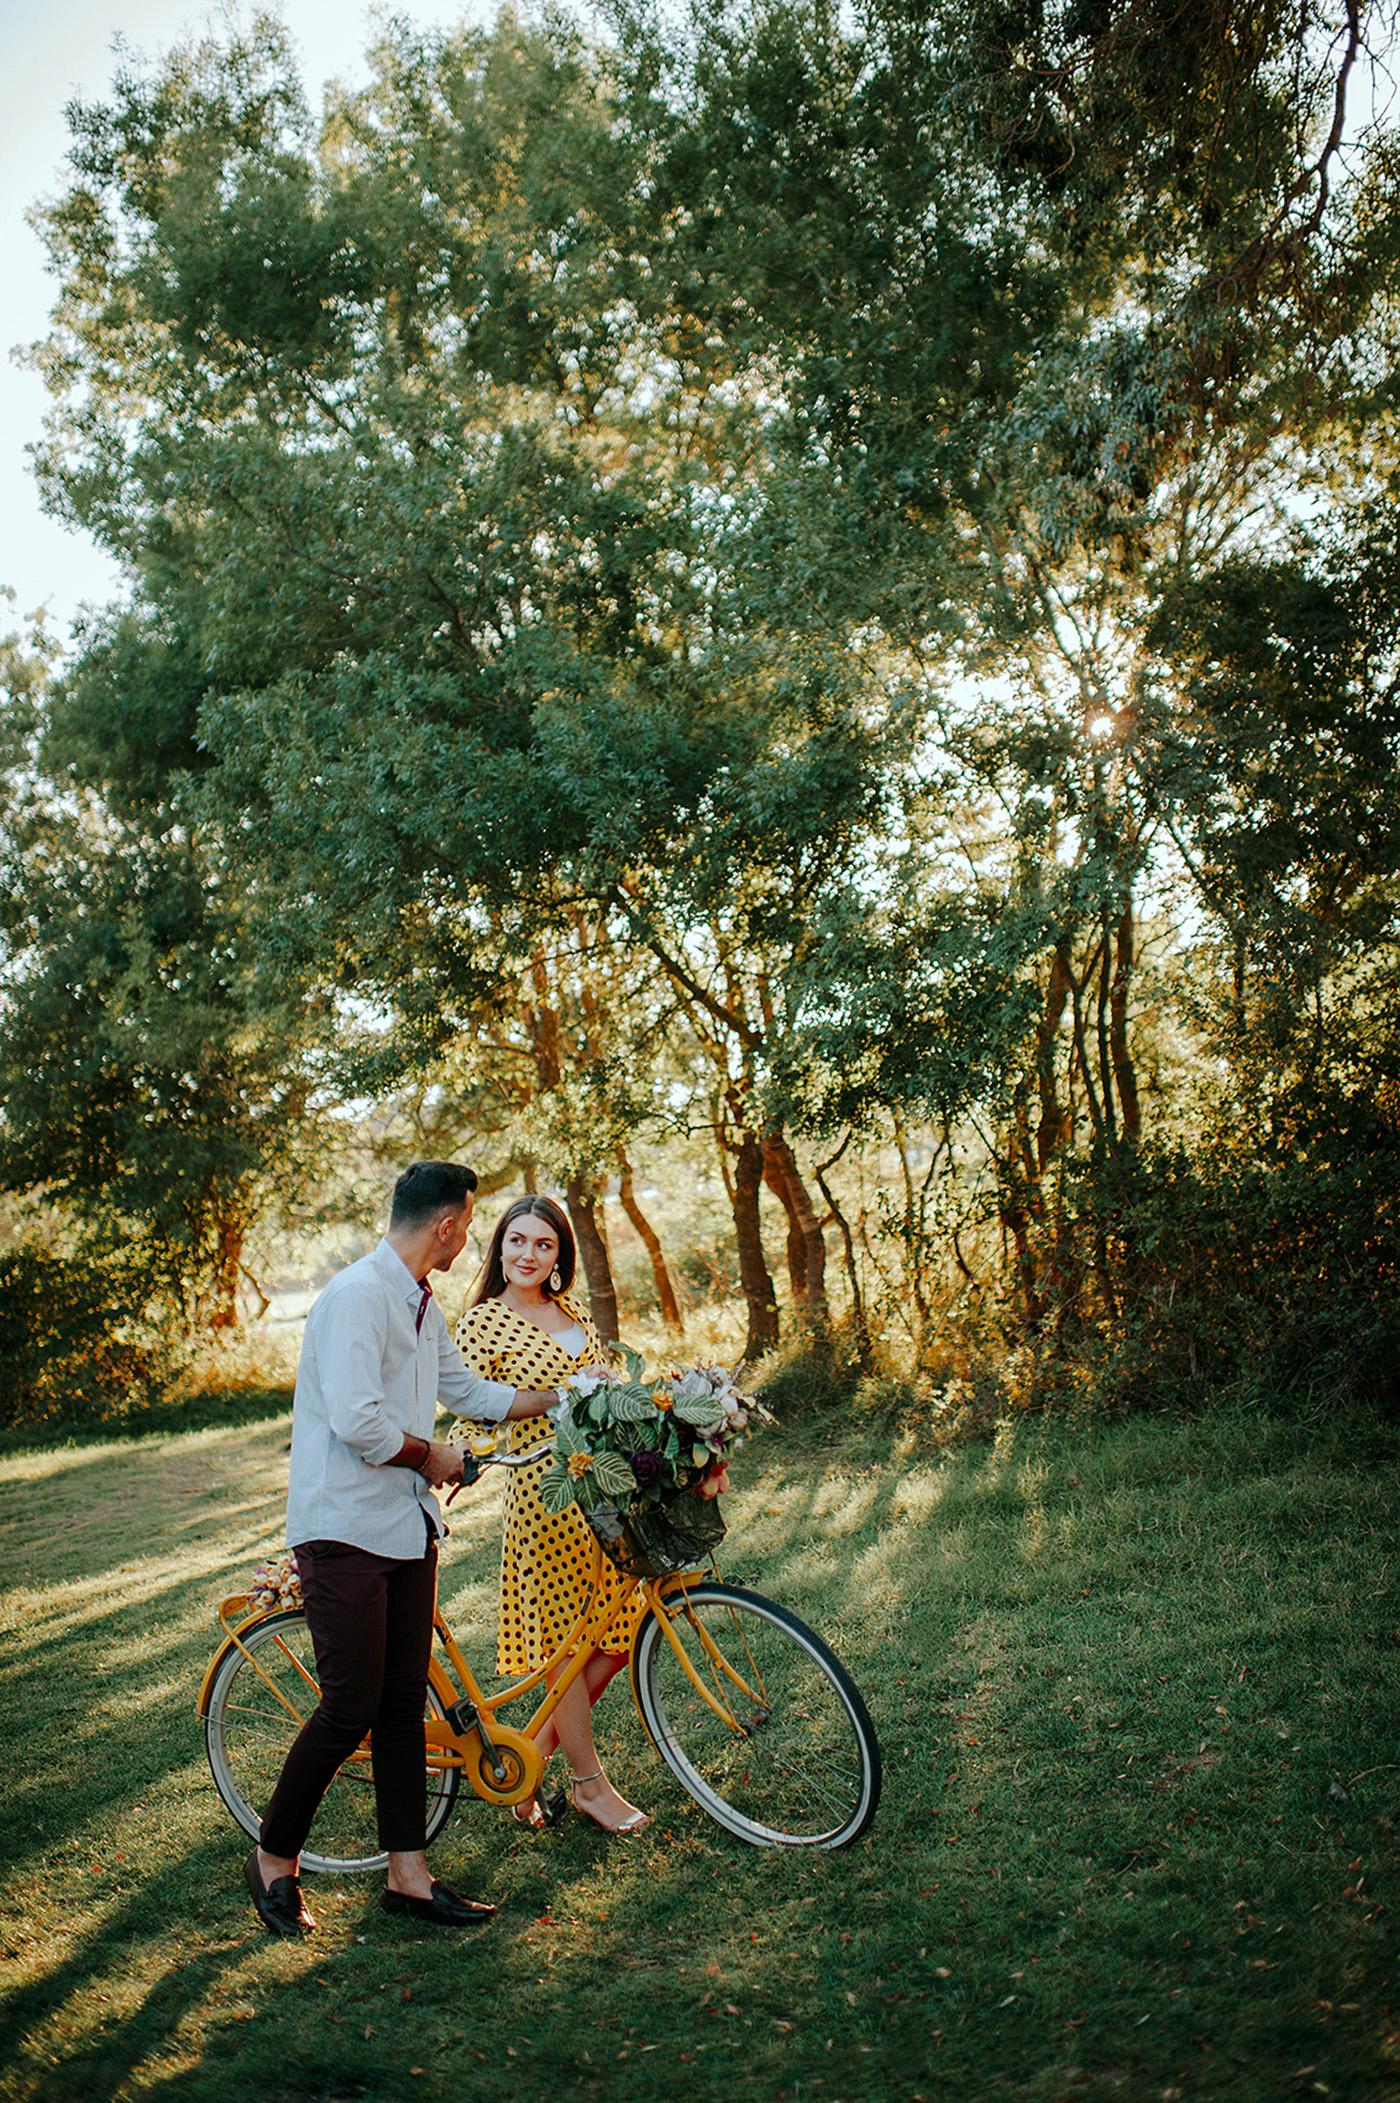 ataşehir düğün fotoğrafçısı, ataşehir fotoğrafçı, ataşehir gelin damat fotoğrafçısı, ataşehir gelin damat çekimi, ataşehir düğün çekimi, ataşehir dış mekan fotoğrafçı